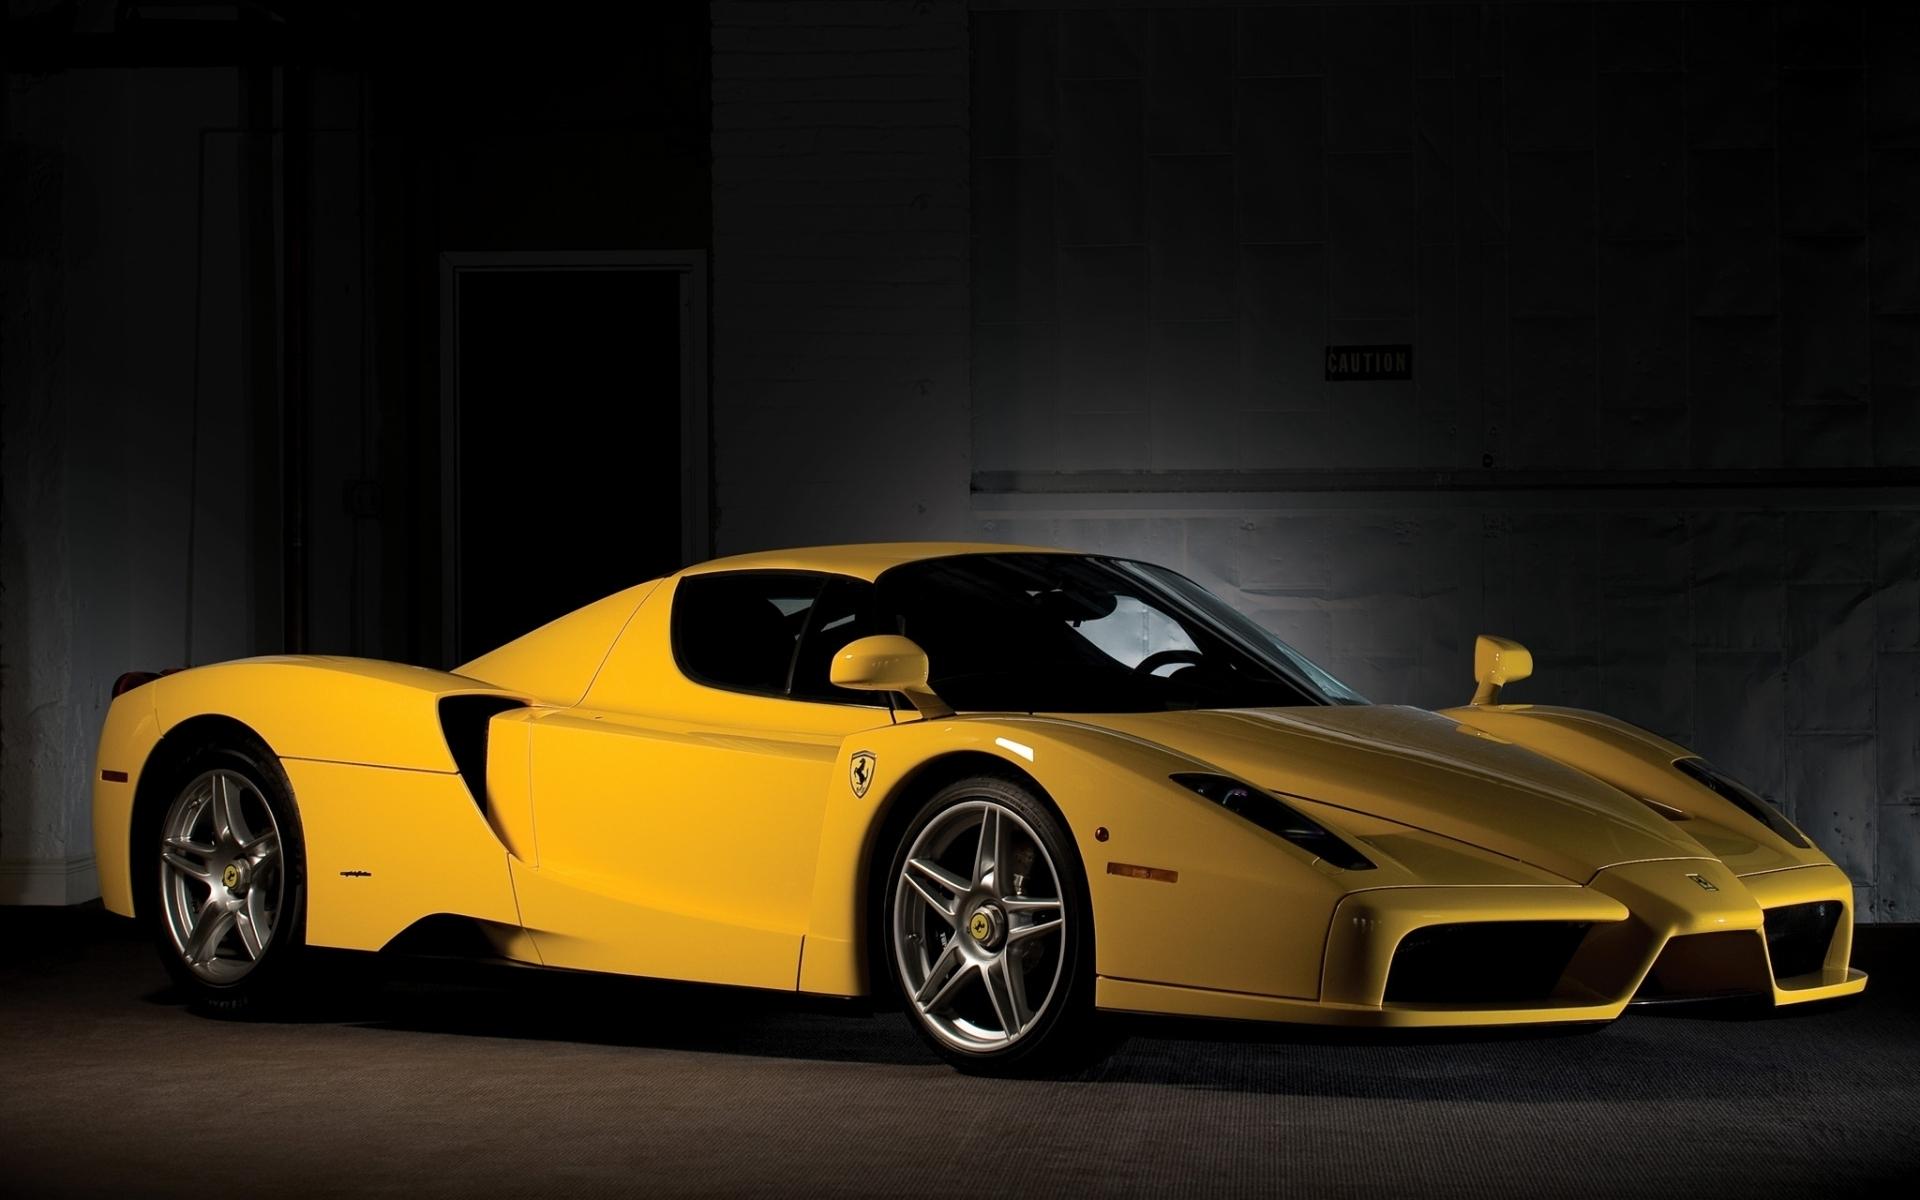 Черный спортивный автомобиль Ferrari Enzo  № 2892589 загрузить